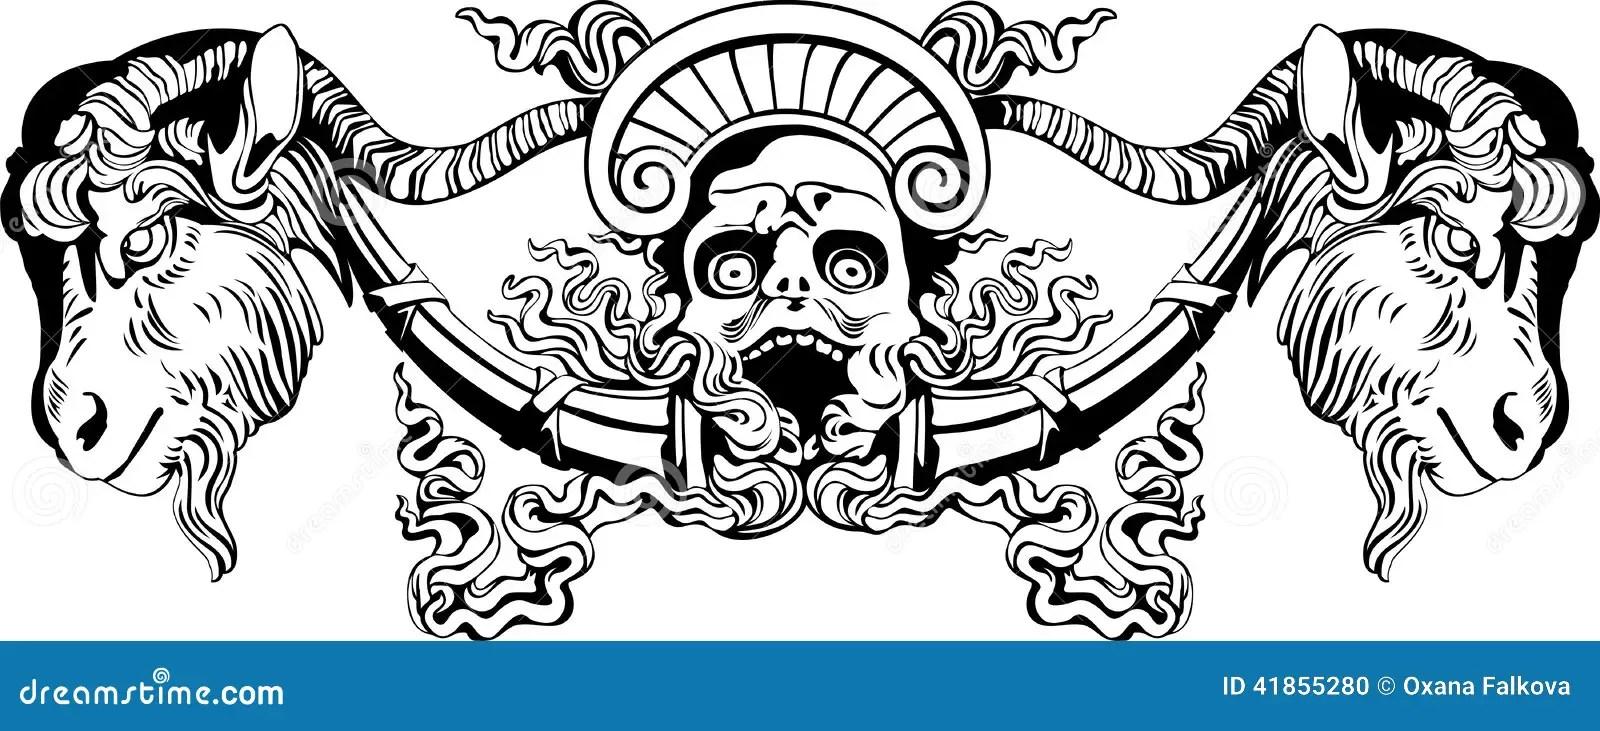 Devil stock vector. Illustration of horror, head, hunter